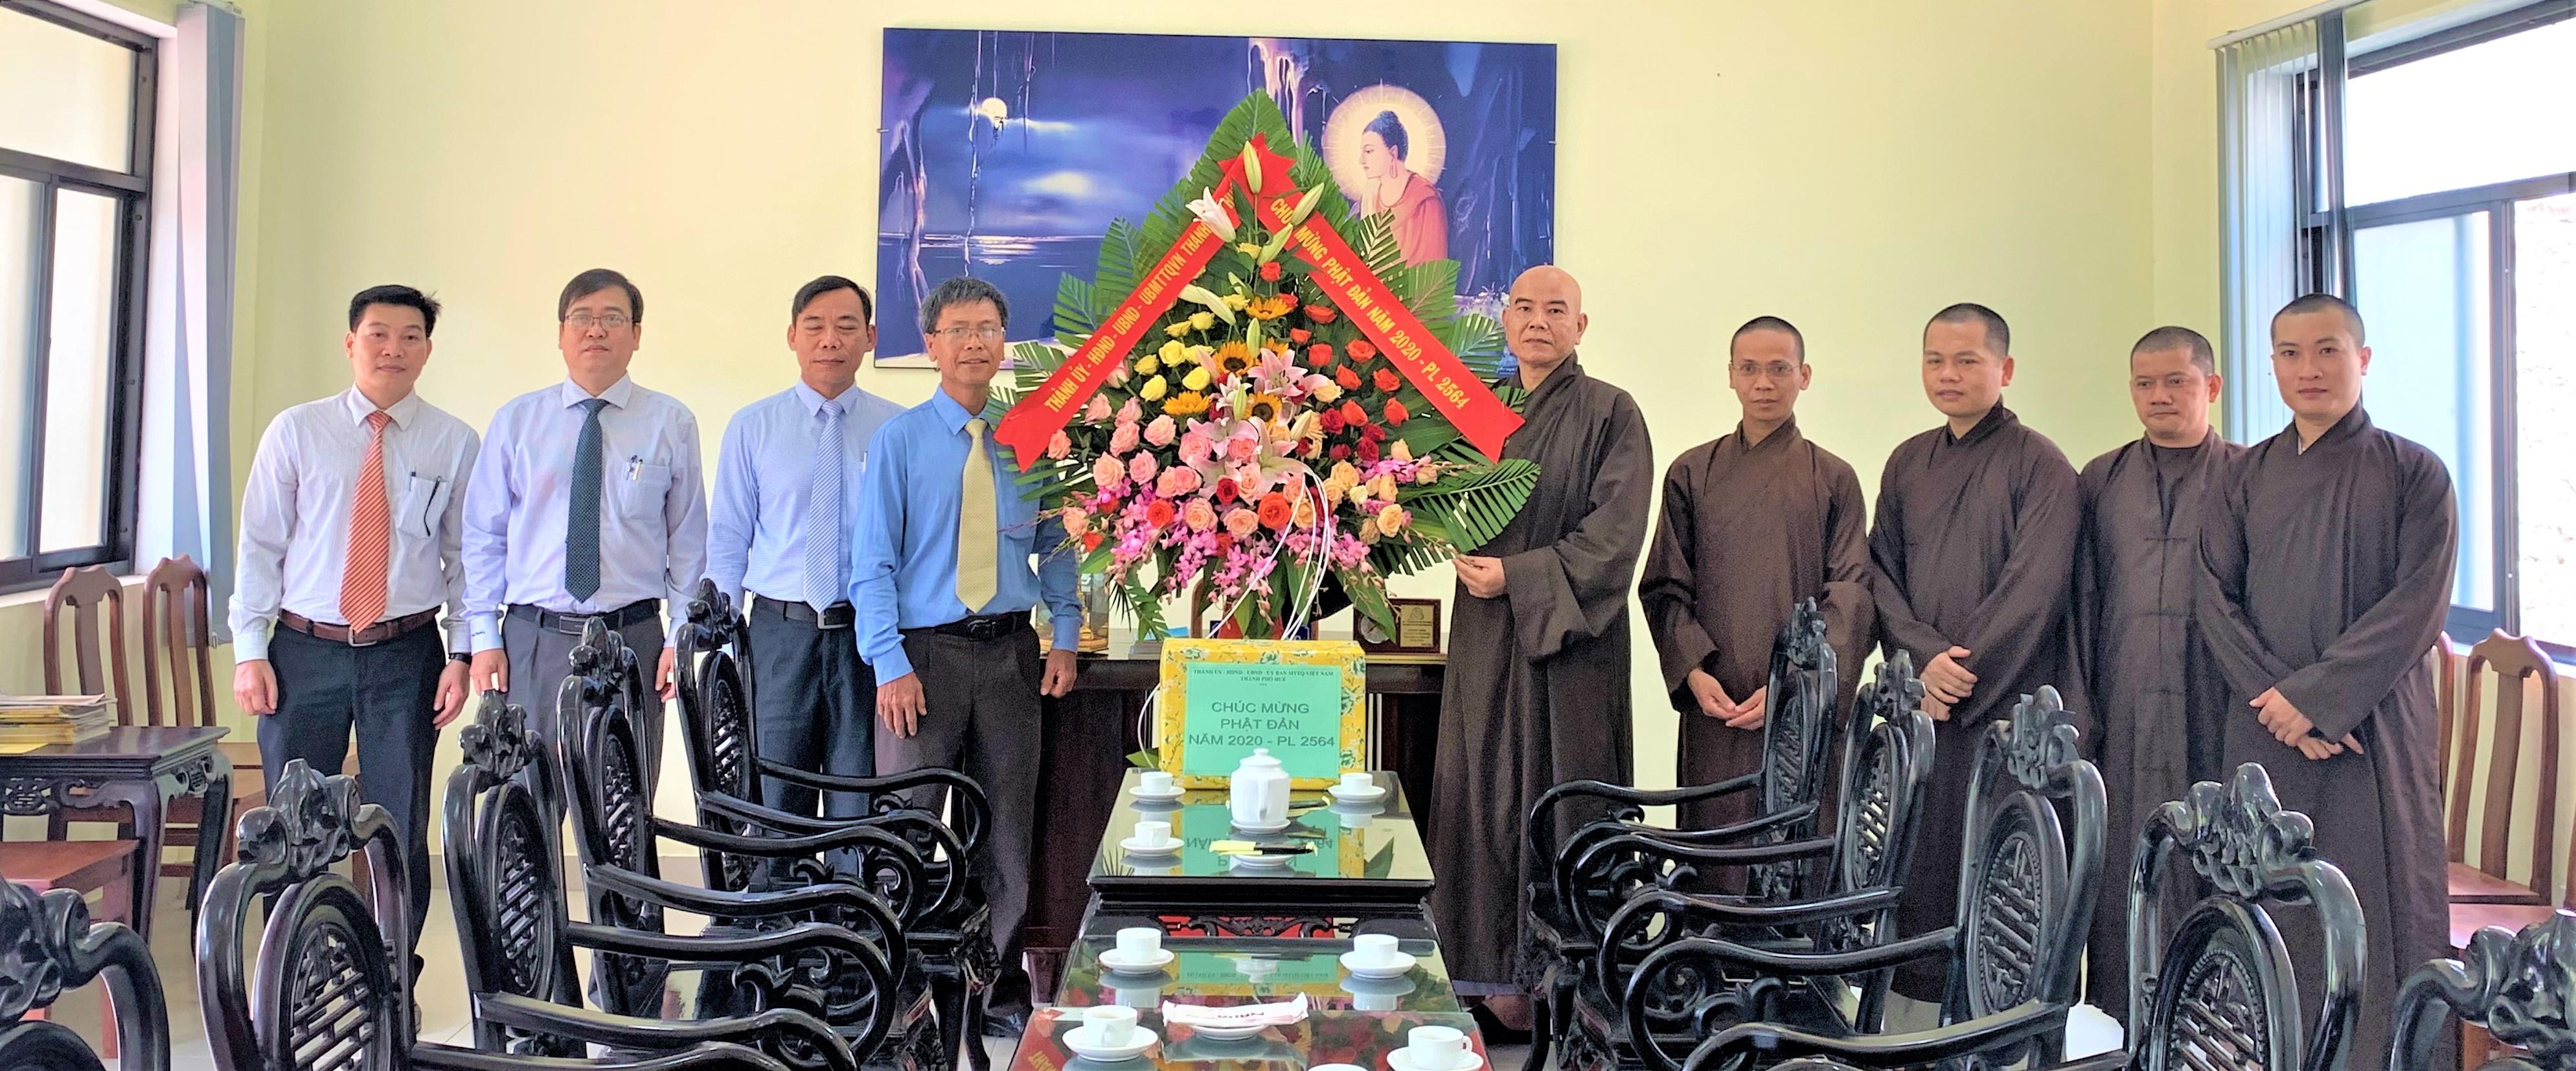 Lãnh đạo Thành phố Huế thăm và chúc mừng Học viện PGVN tại Huế